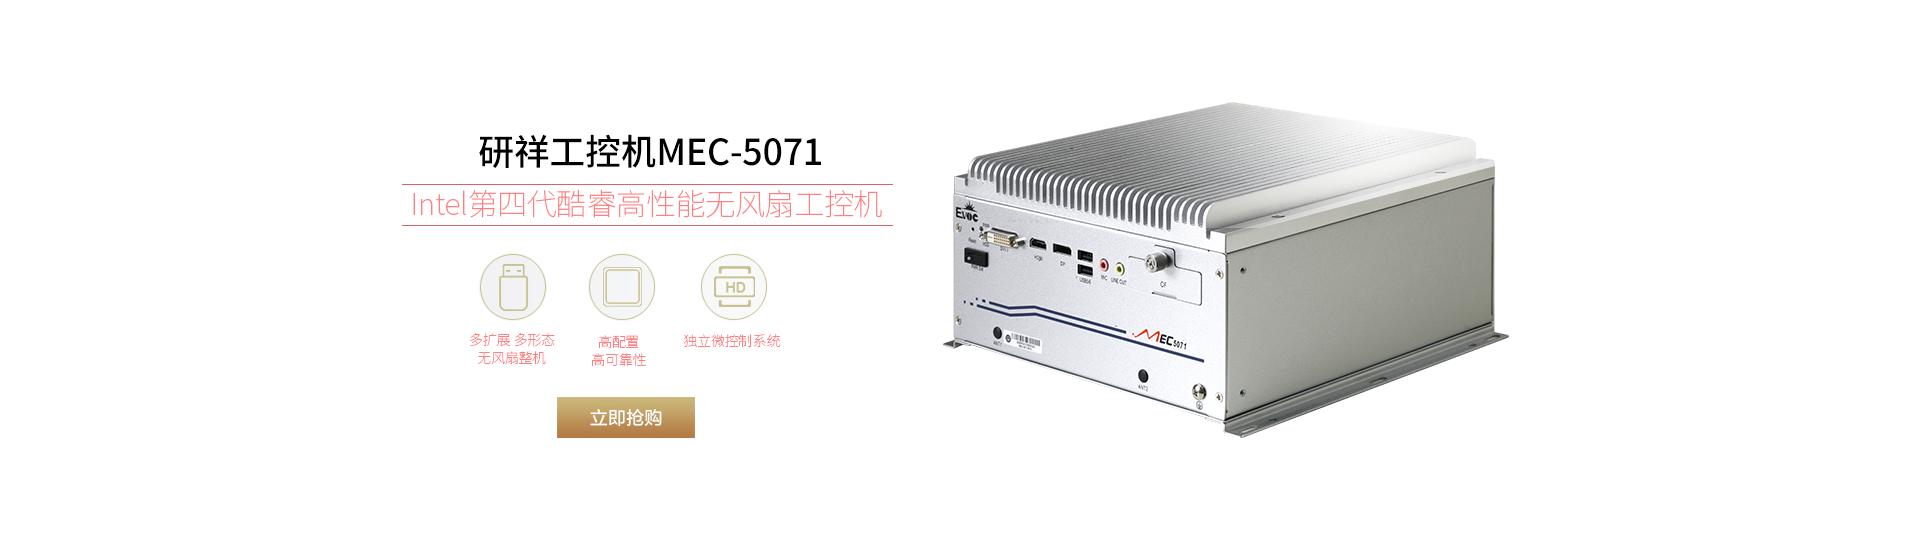 MEC-5071无风扇Intel第四代酷睿高性能工控机,支持I3/I5/I7CPU处理器